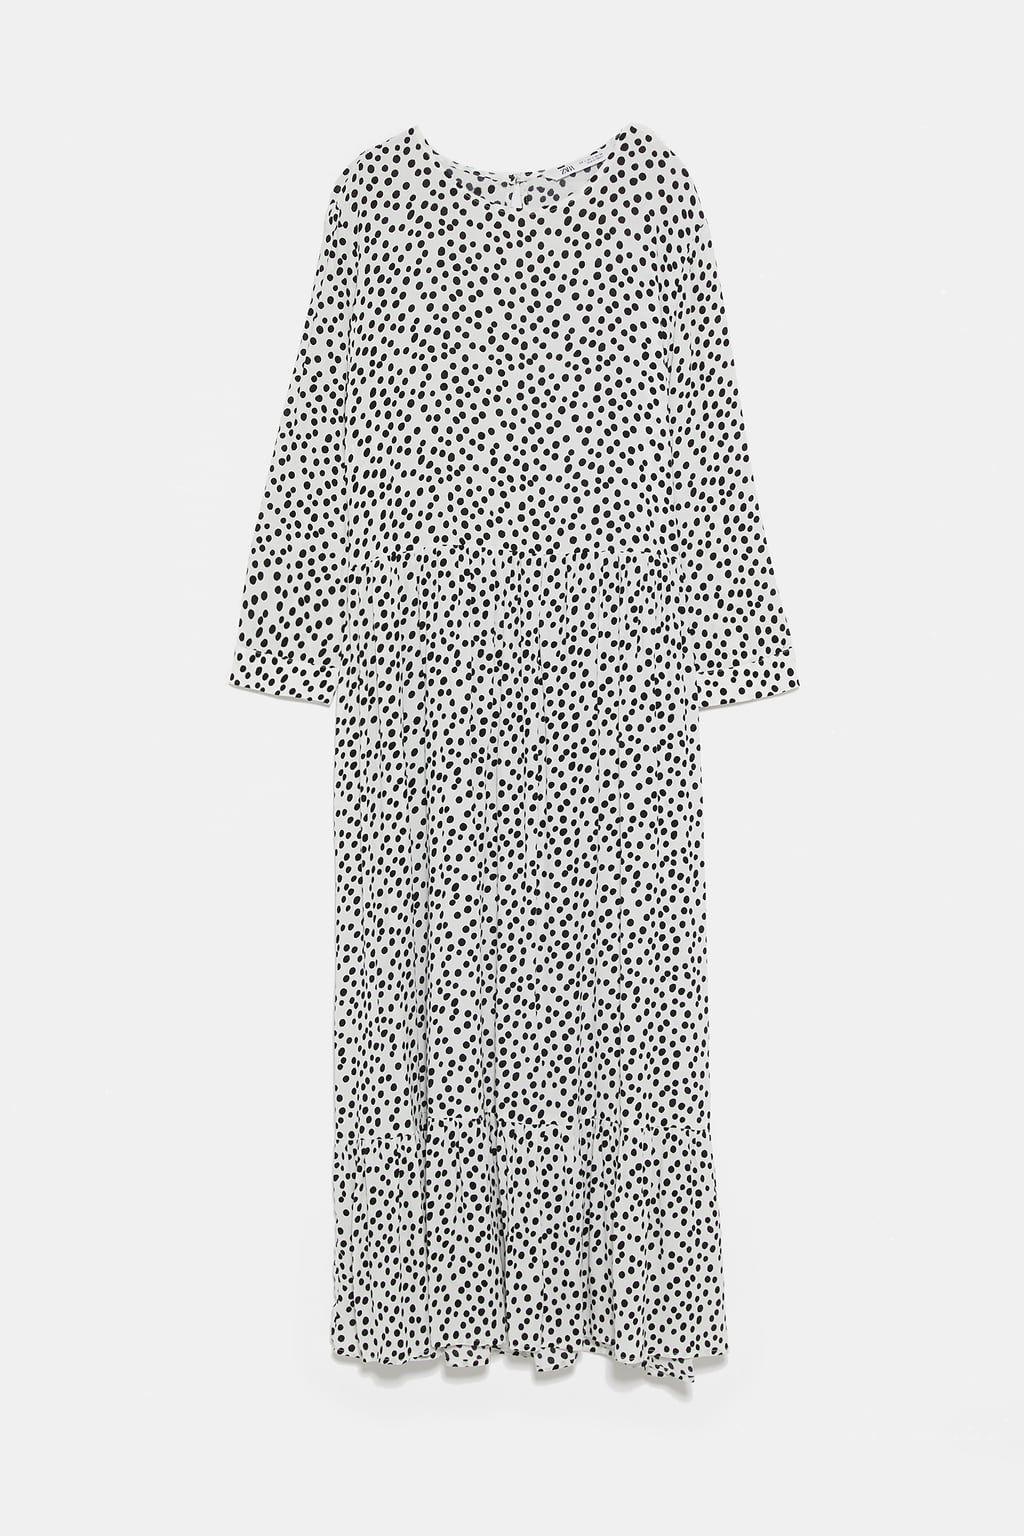 Lunares Este Una Zara Instagram Vestido Ya Tiene De Cuenta 8wONnkX0PZ